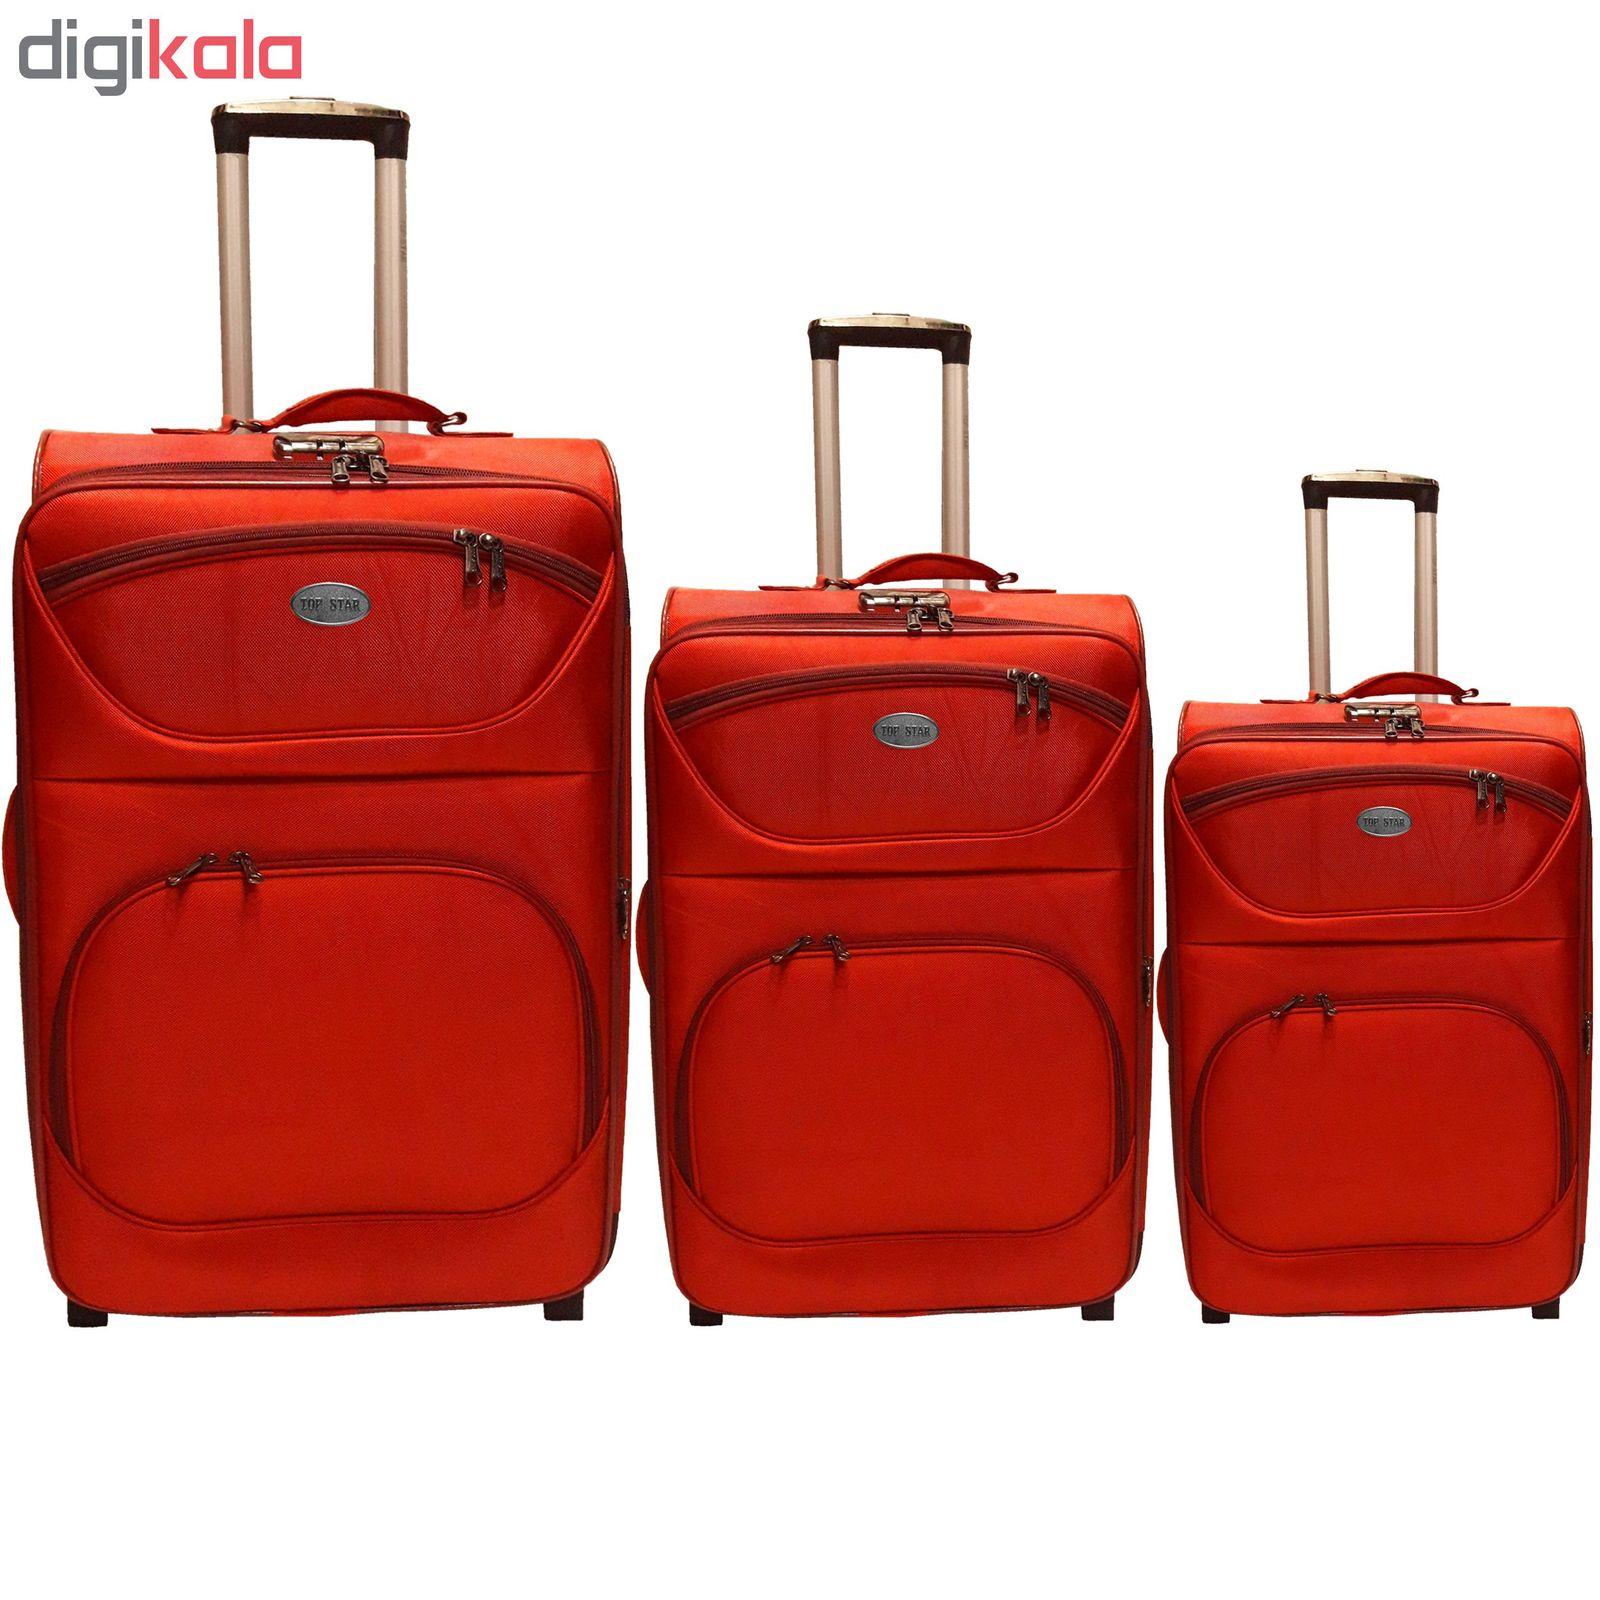 مجموعه سه عددی چمدان تاپ استار مدل newtop2 main 1 1